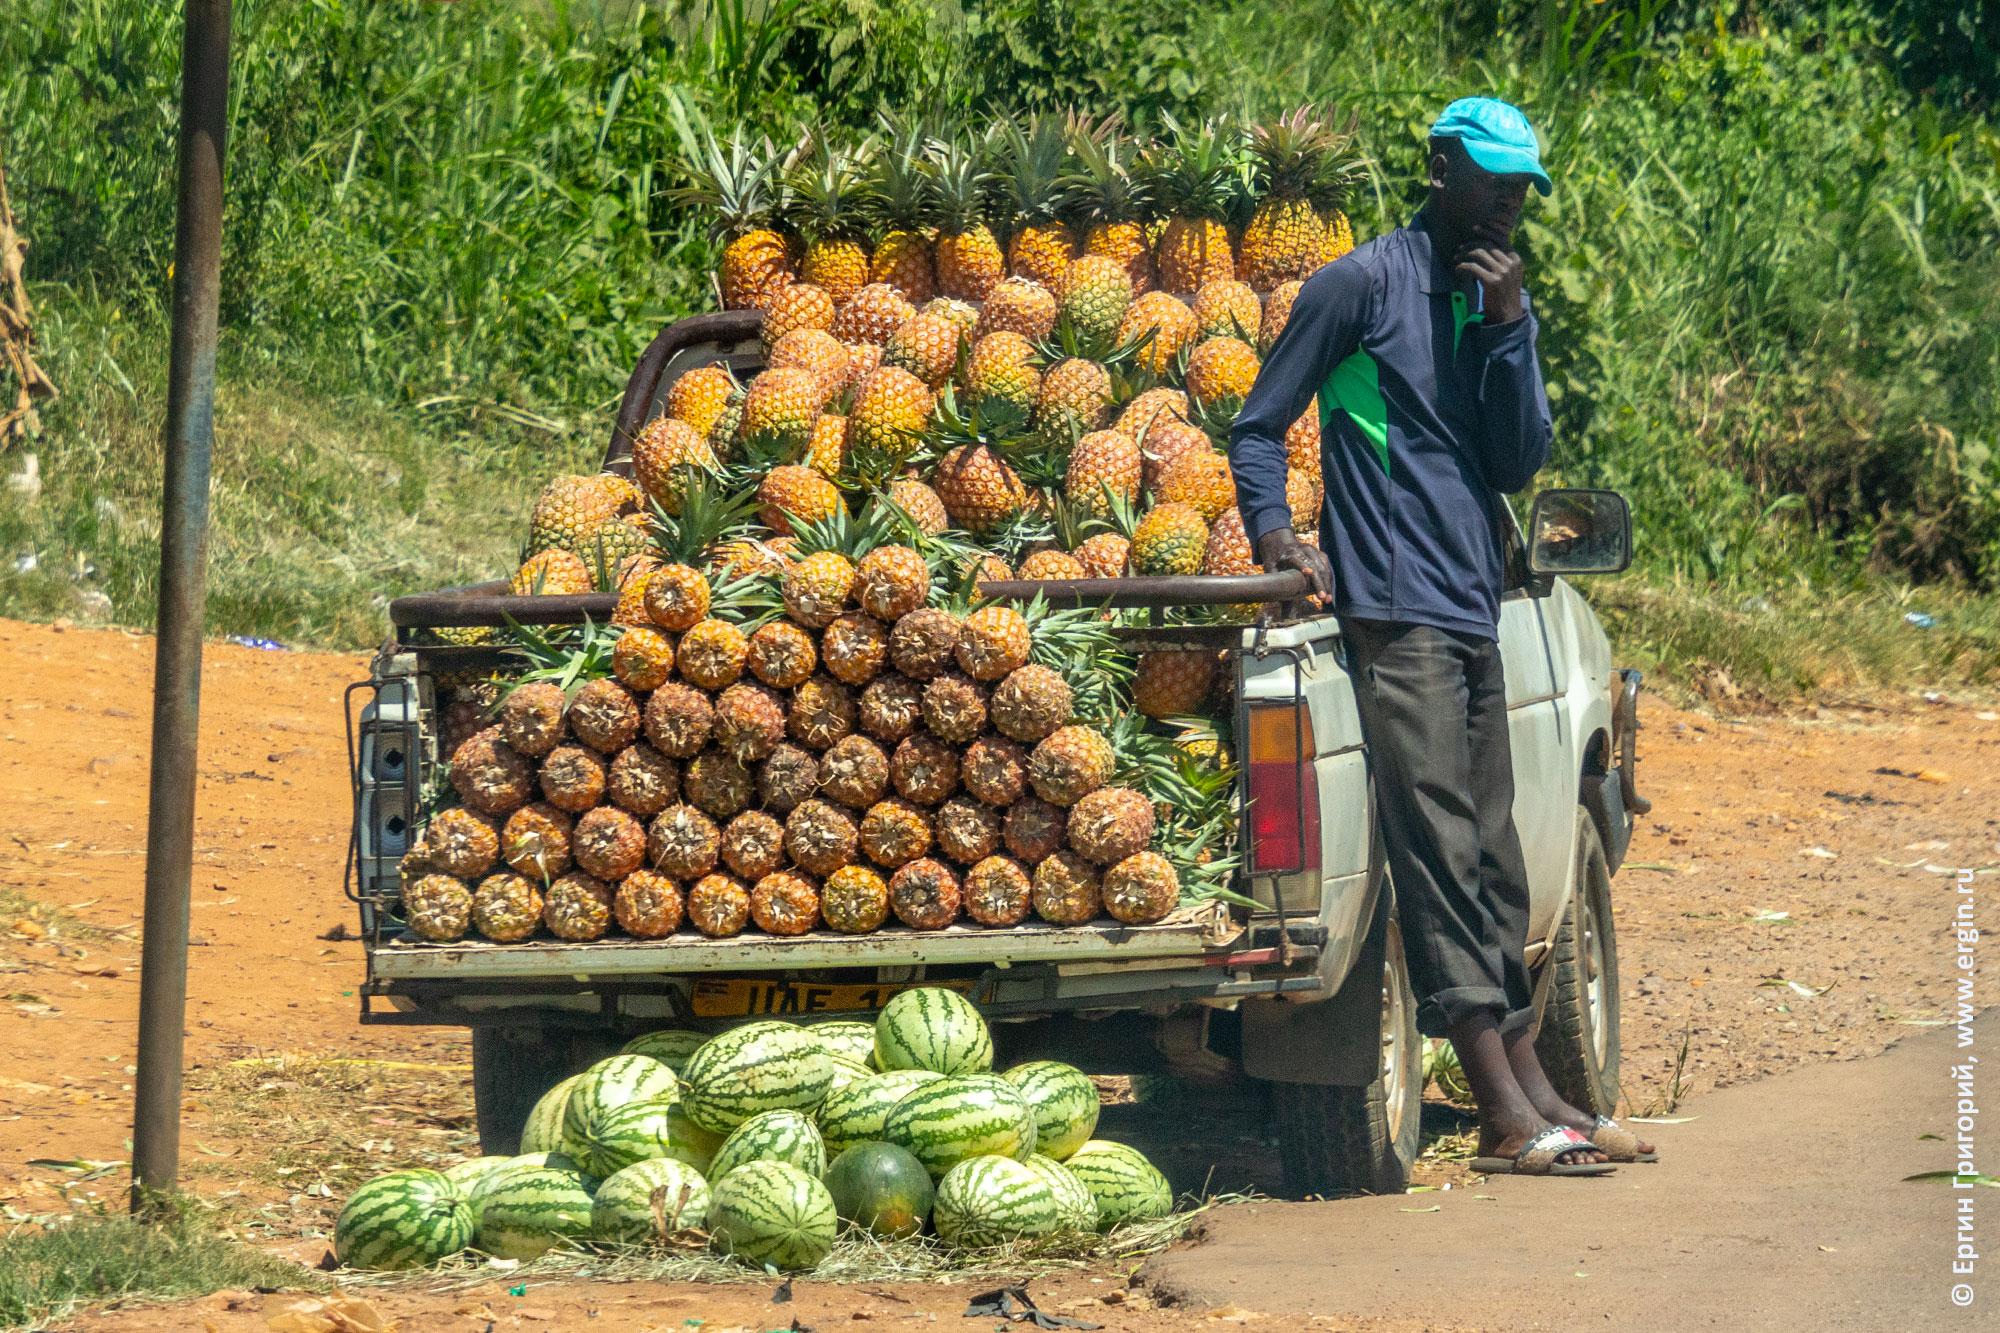 Ананасы на машине Африка Уганда